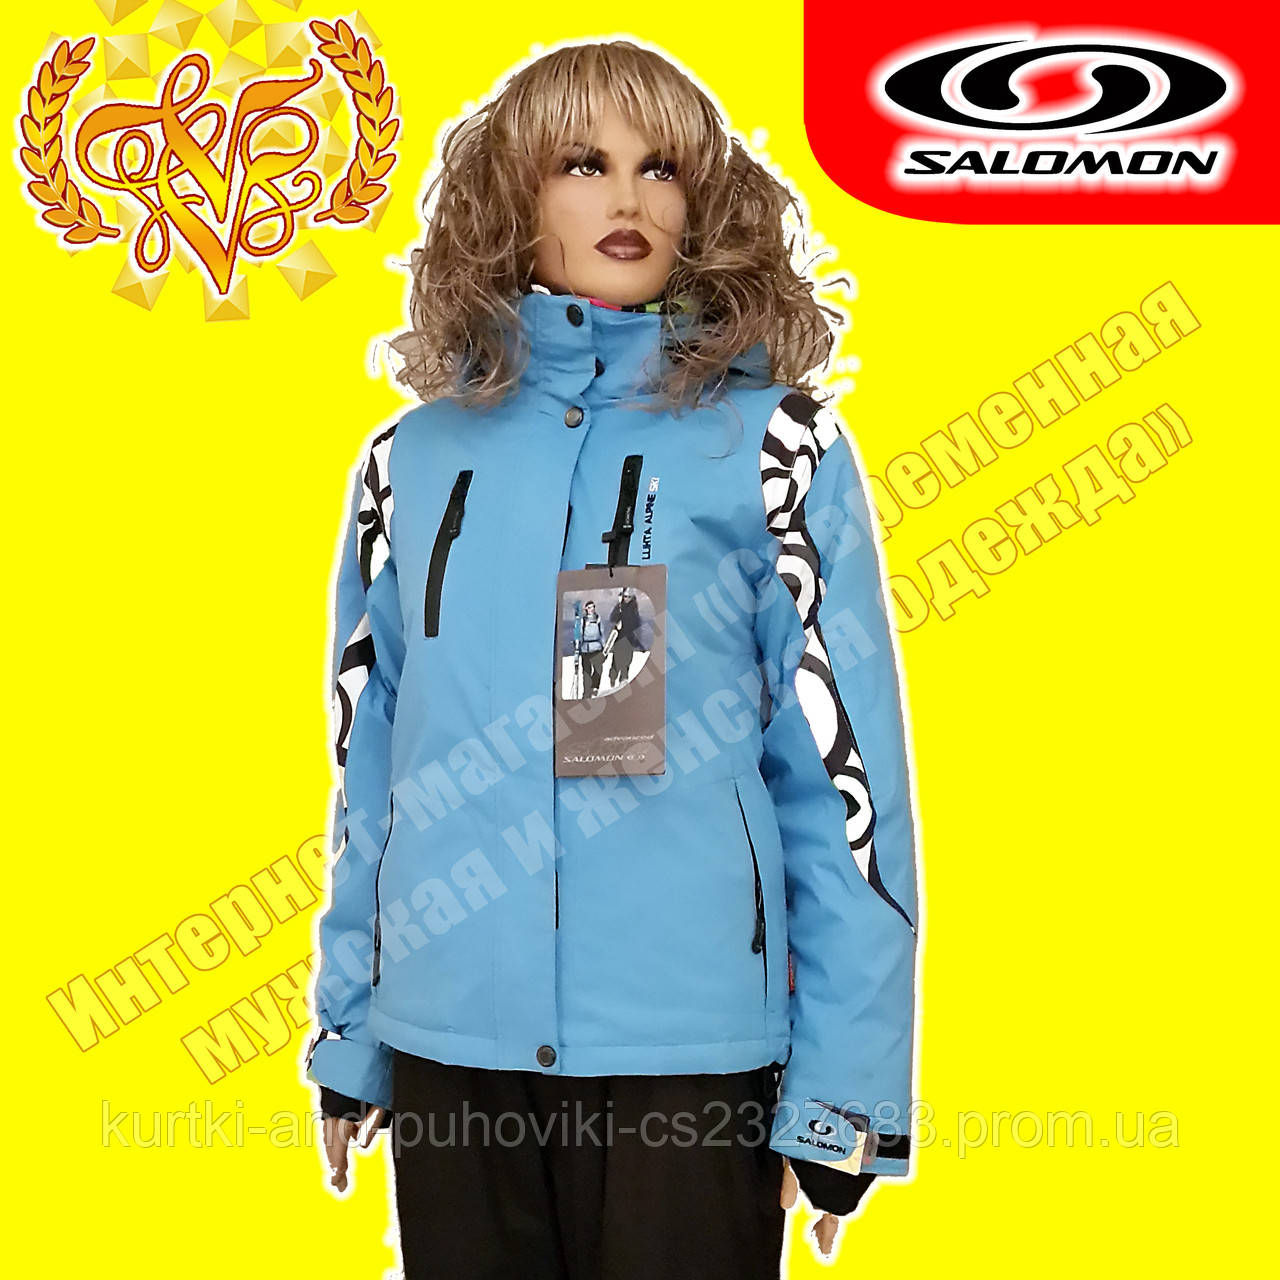 Женская спортивная горнолыжная куртка «Salomon» 715-3 - Интернет-магазин «Современная мужская и женская одежда» в Черновцах